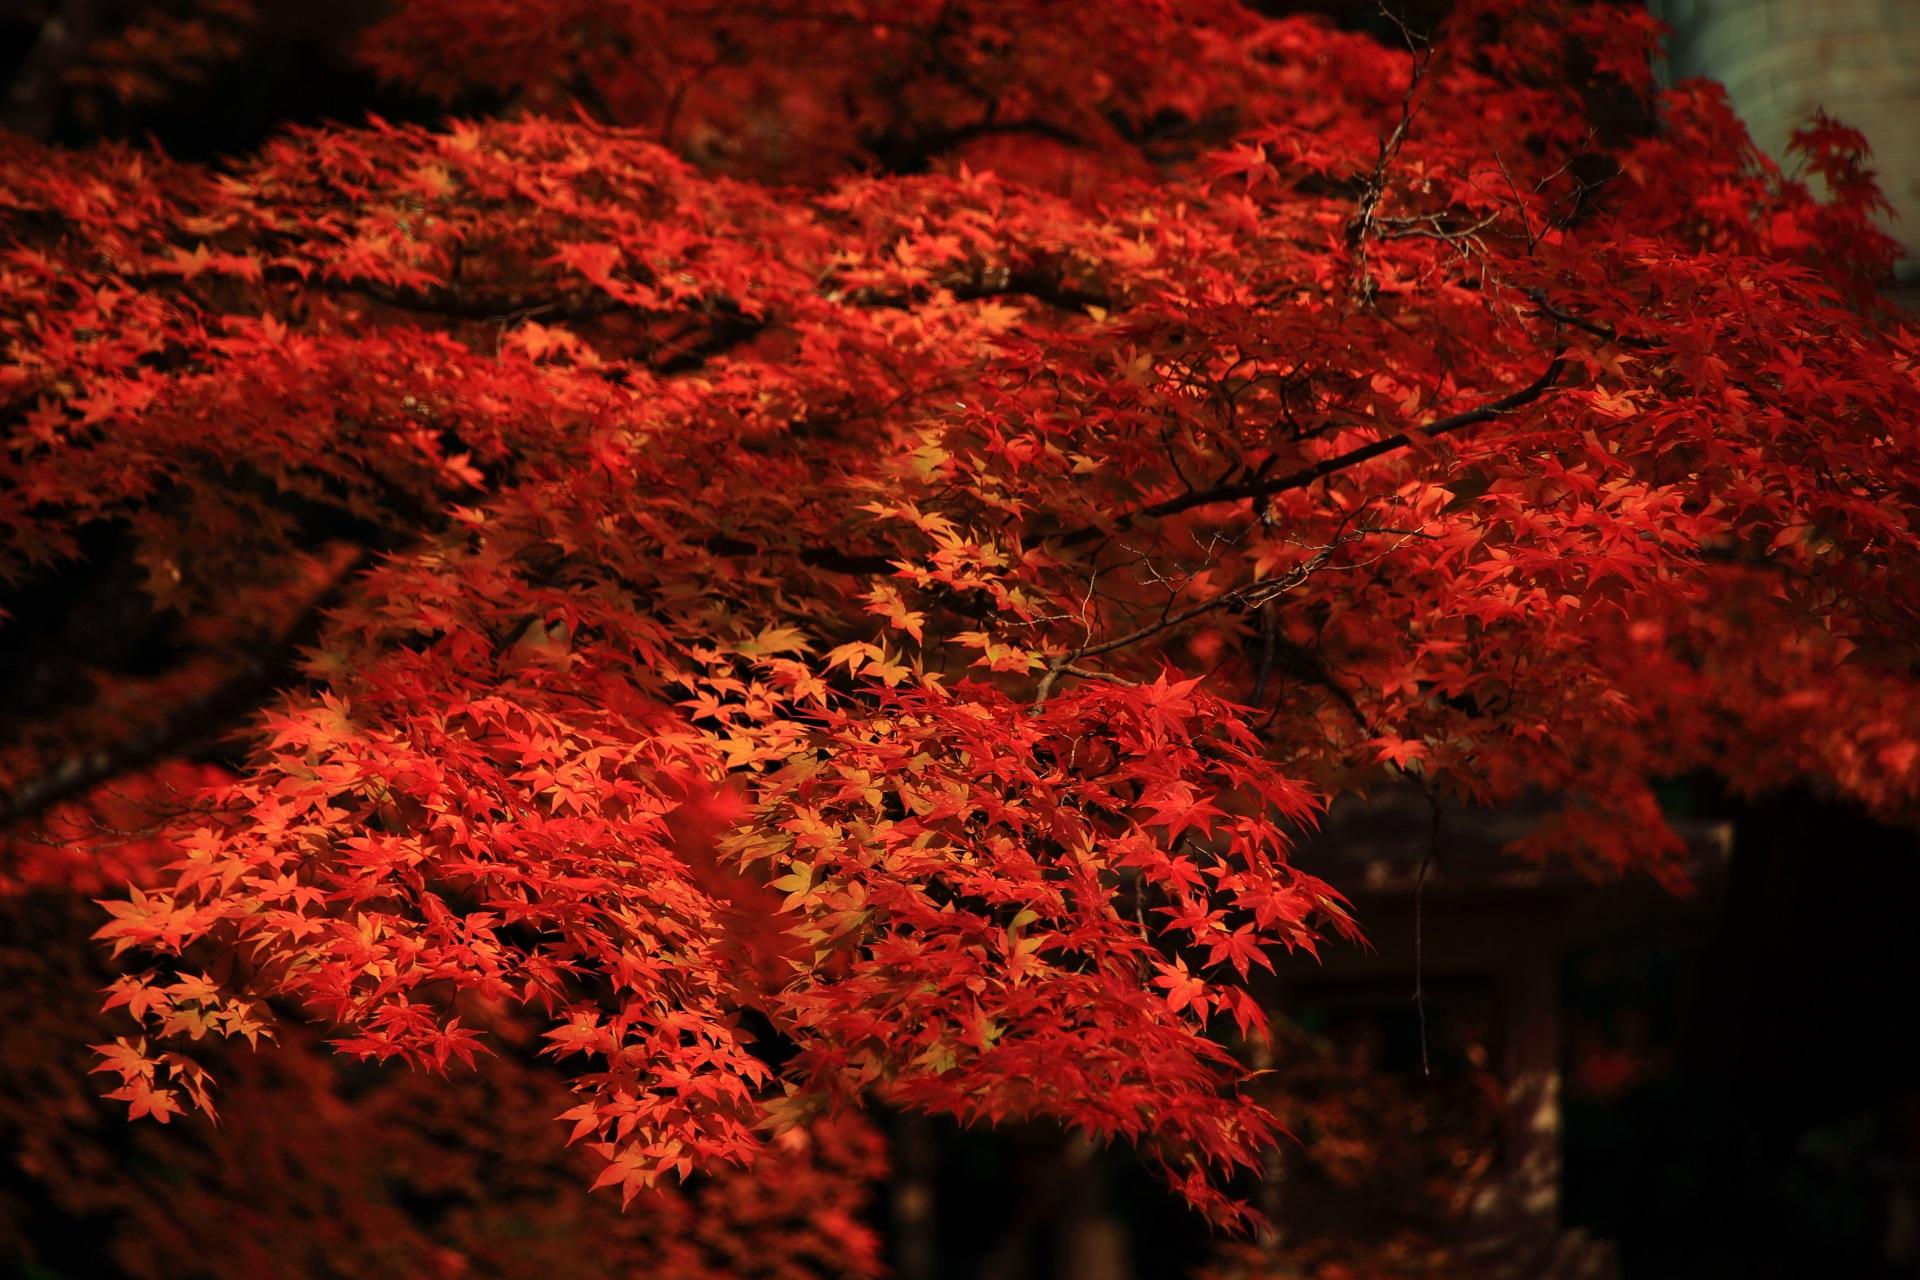 発色の良い赤やオレンジの紅葉